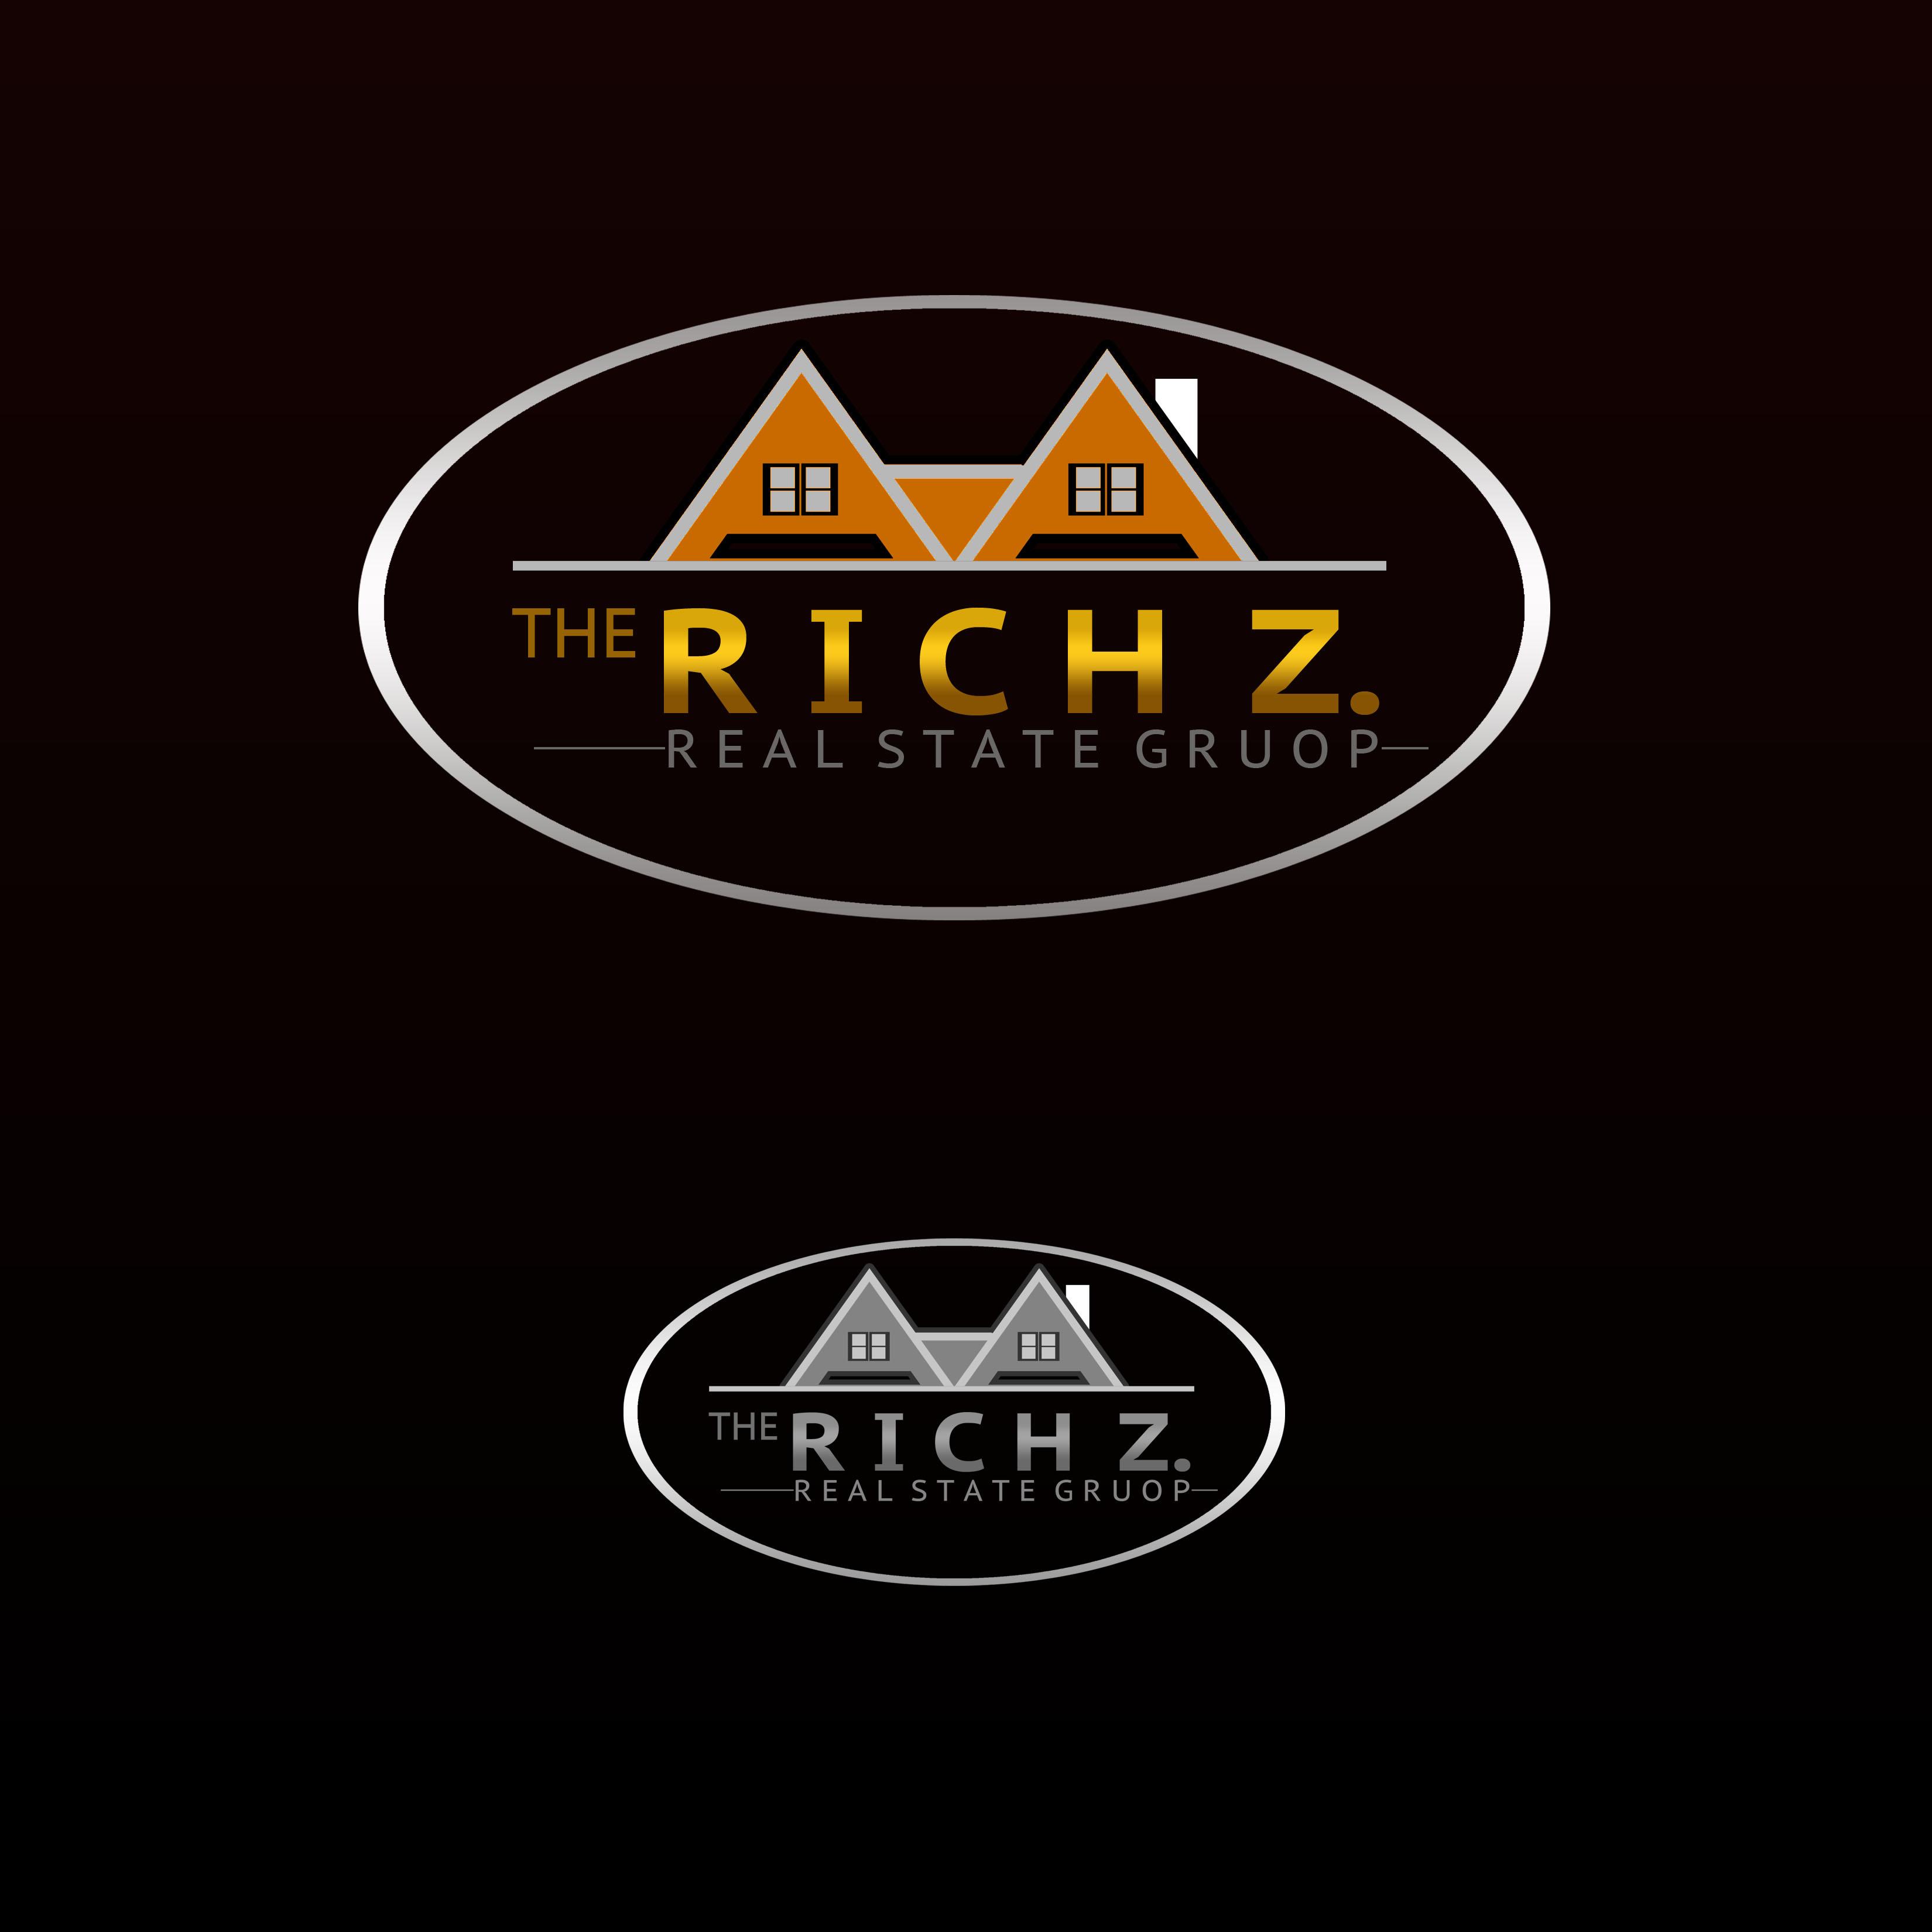 Logo Design by Allan Esclamado - Entry No. 26 in the Logo Design Contest The Rich Z. Real Estate Group Logo Design.